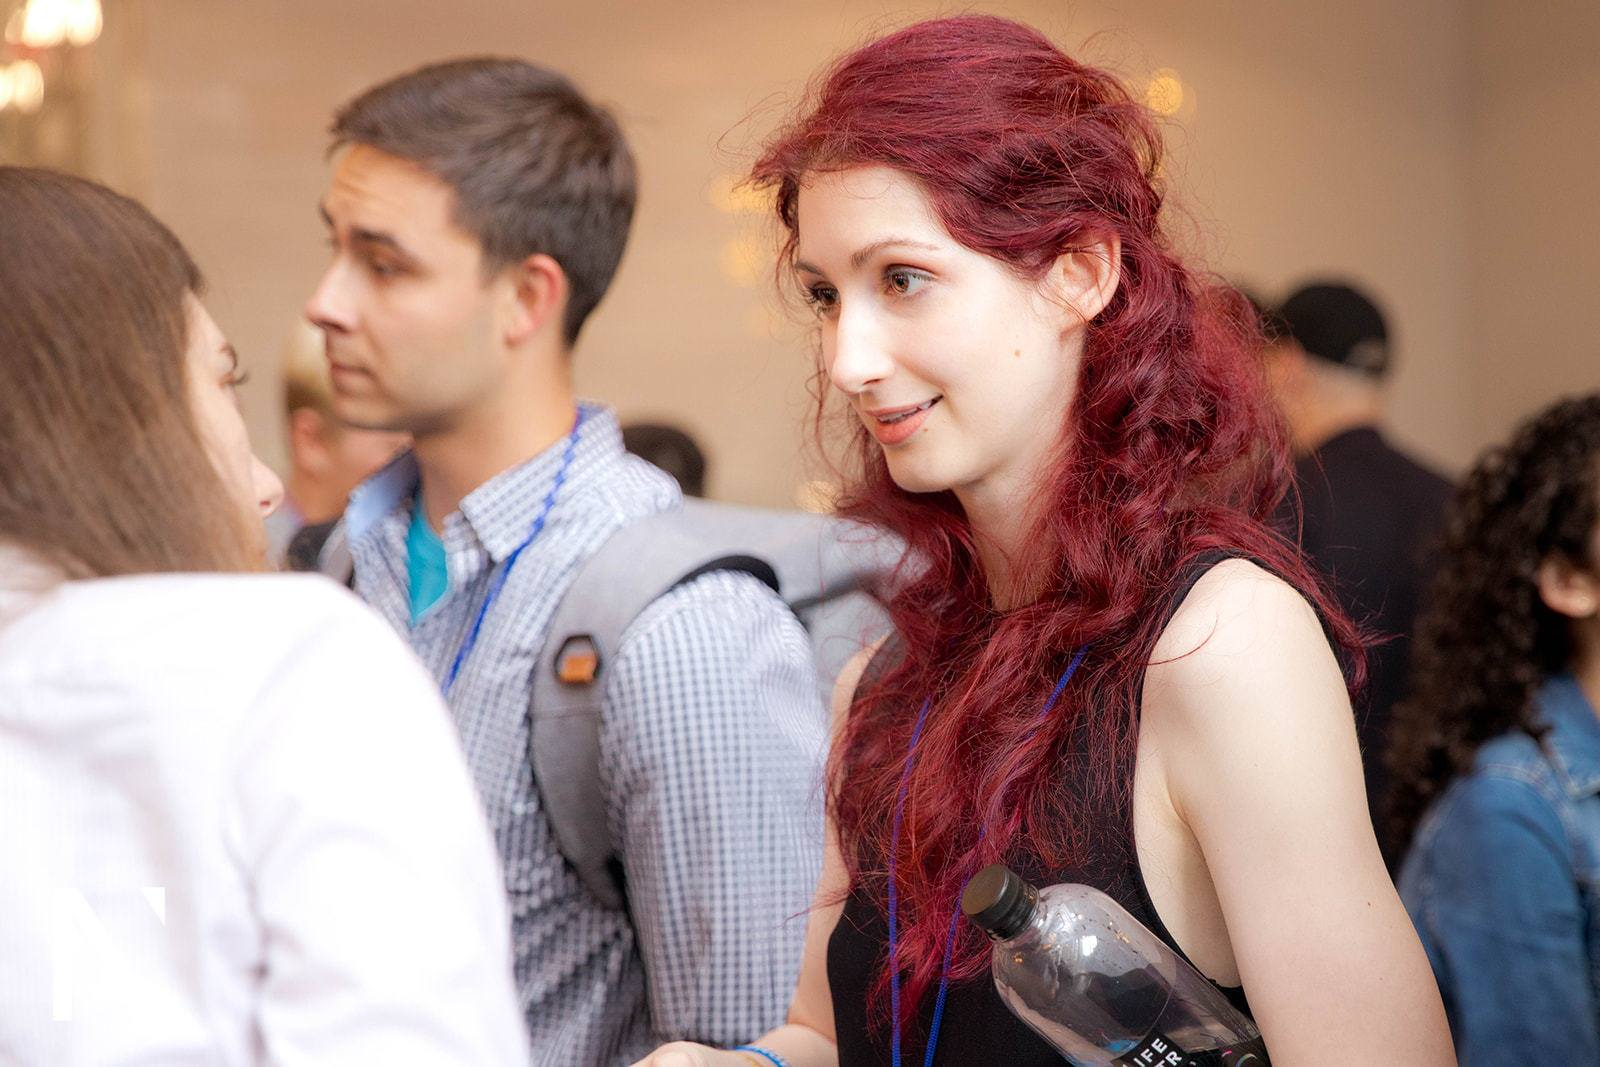 Geena Matuson (@geenamatuson) at the June, 2019 Next Gen Summit #NGS2019 in NYC.